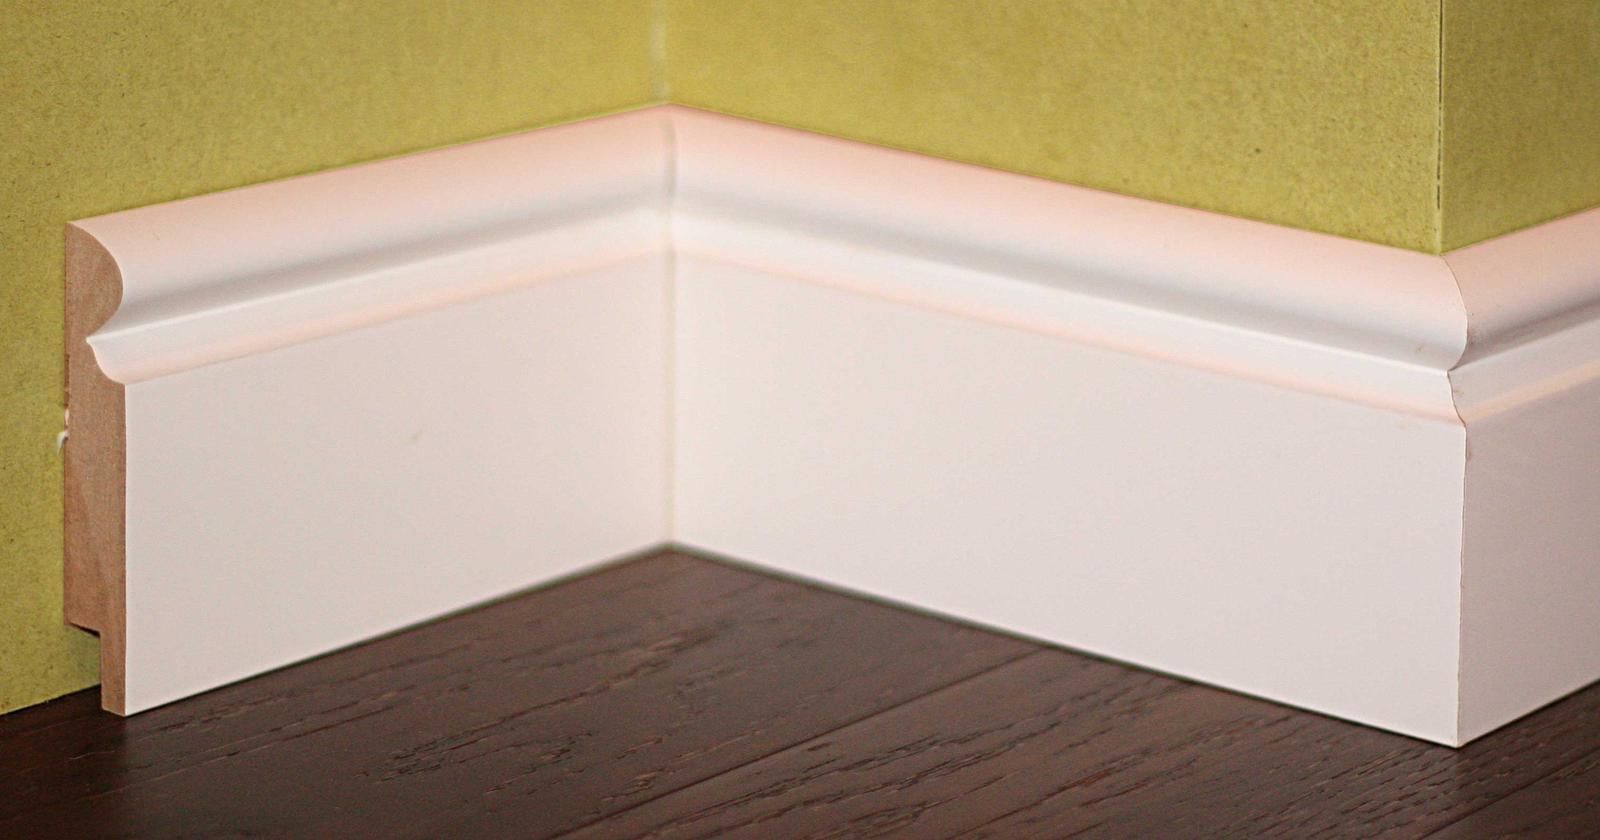 Nové profily striekaných soklových líšt - Rustic D